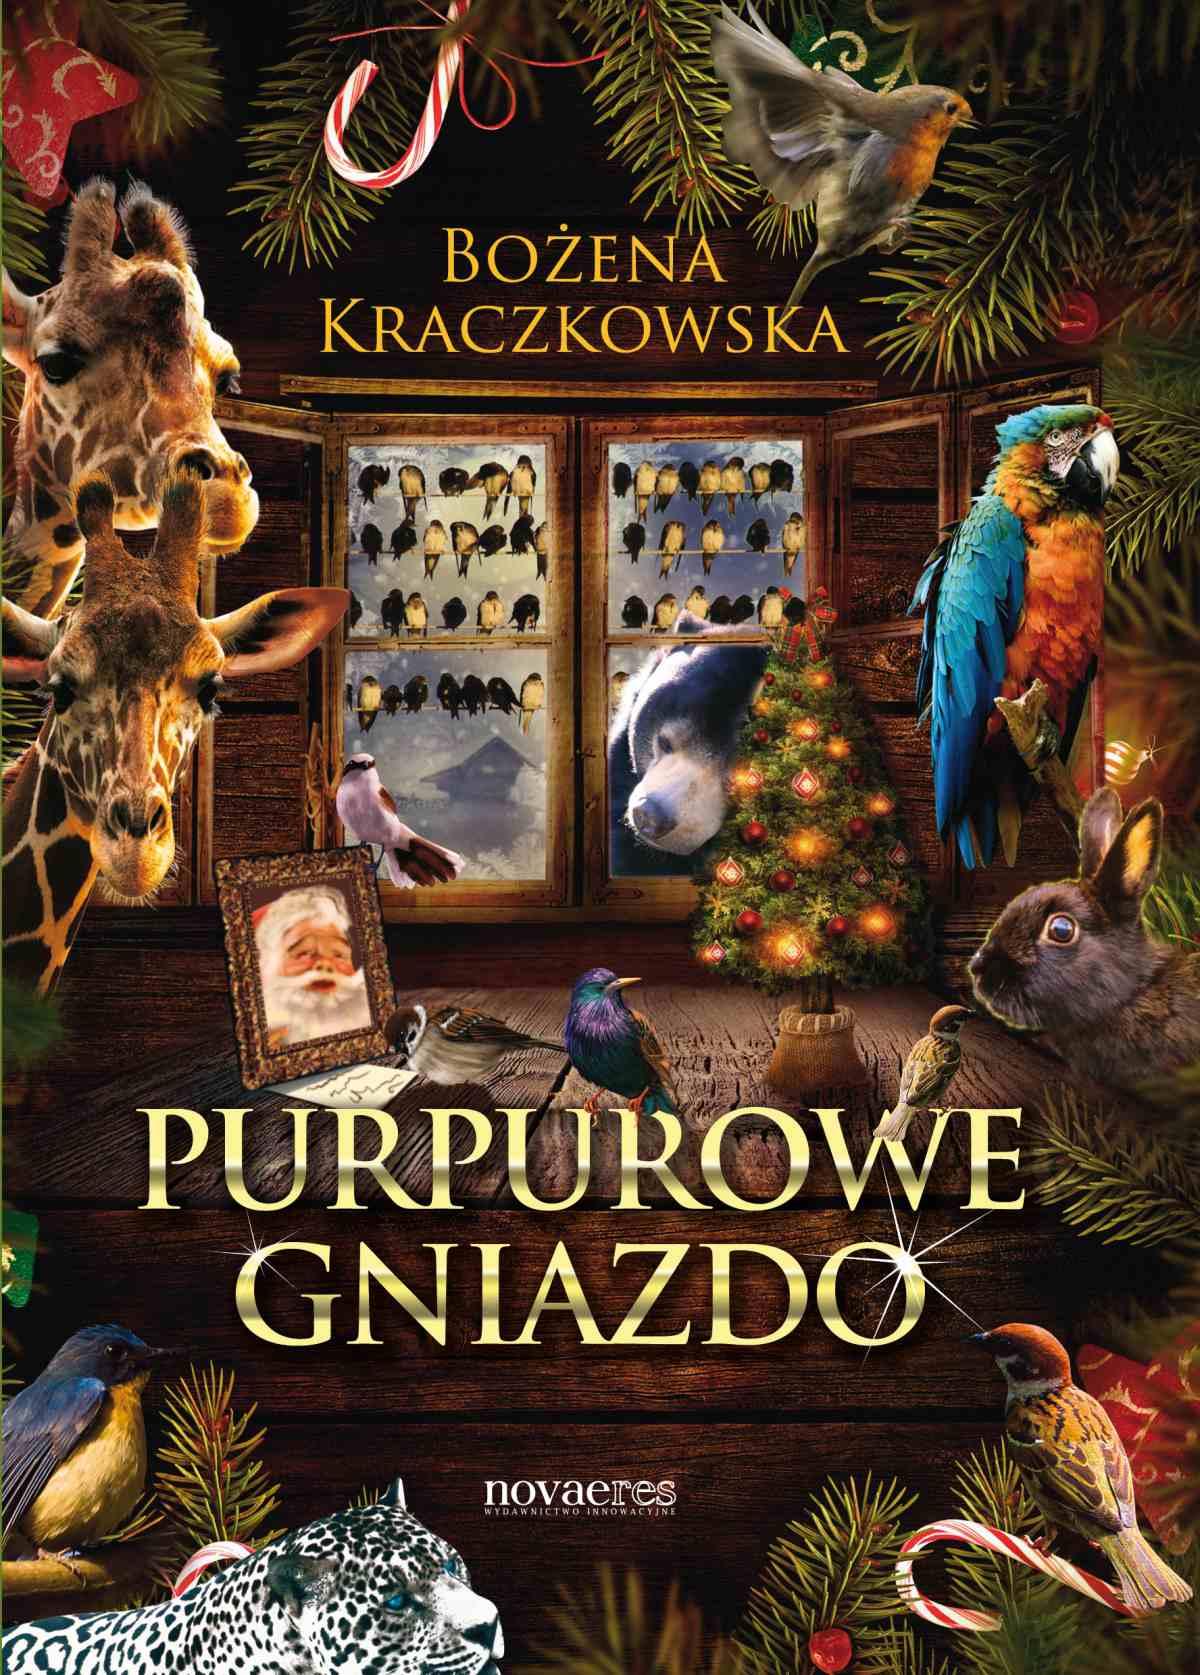 Purpurowe gniazdo - Ebook (Książka EPUB) do pobrania w formacie EPUB